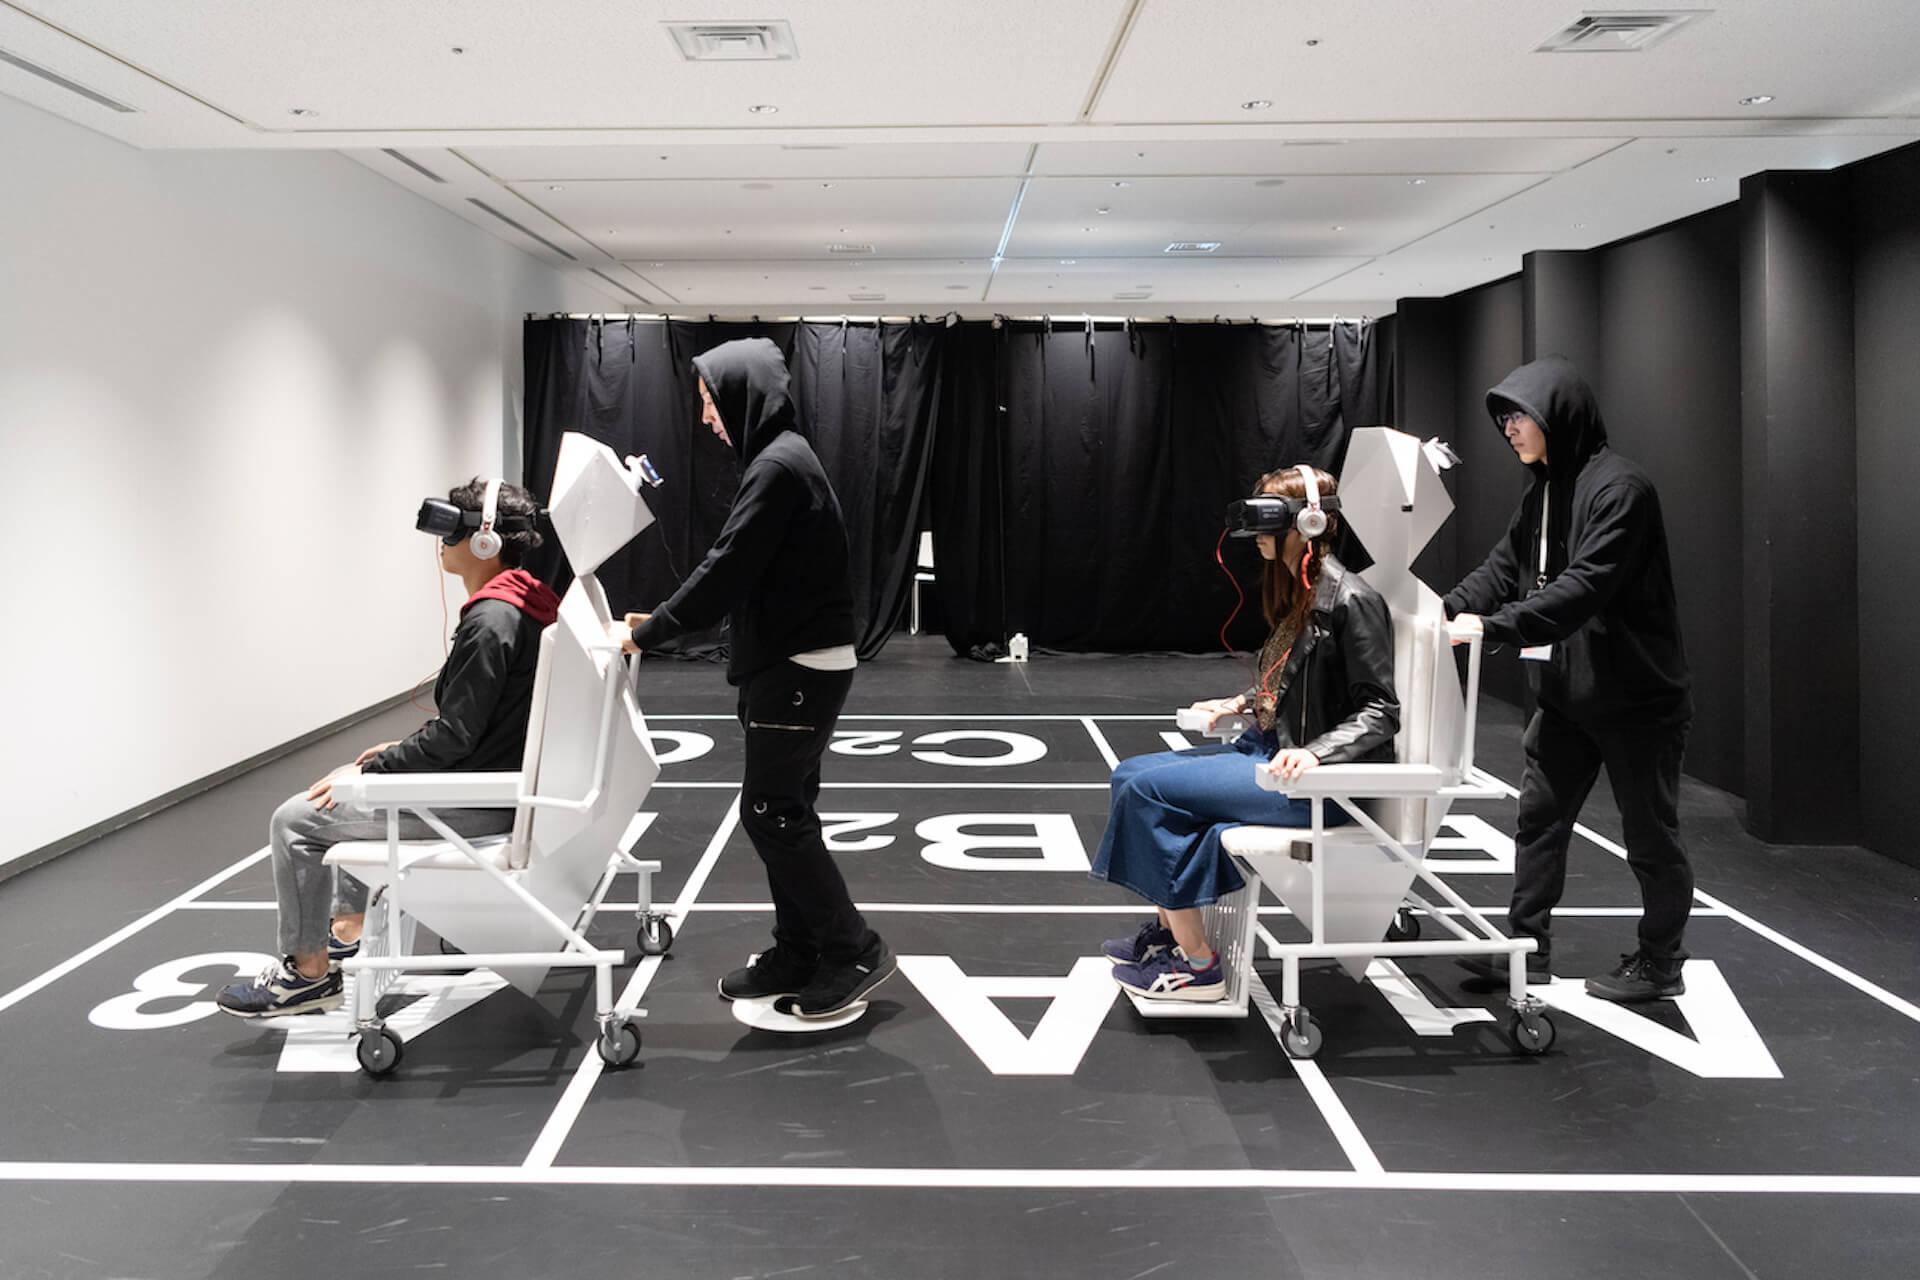 電子音楽&デジタルアートの祭典が渋谷に!<MUTEK.JP>最終フルラインナップ&タイムテーブル発表 art191205_mutek_14